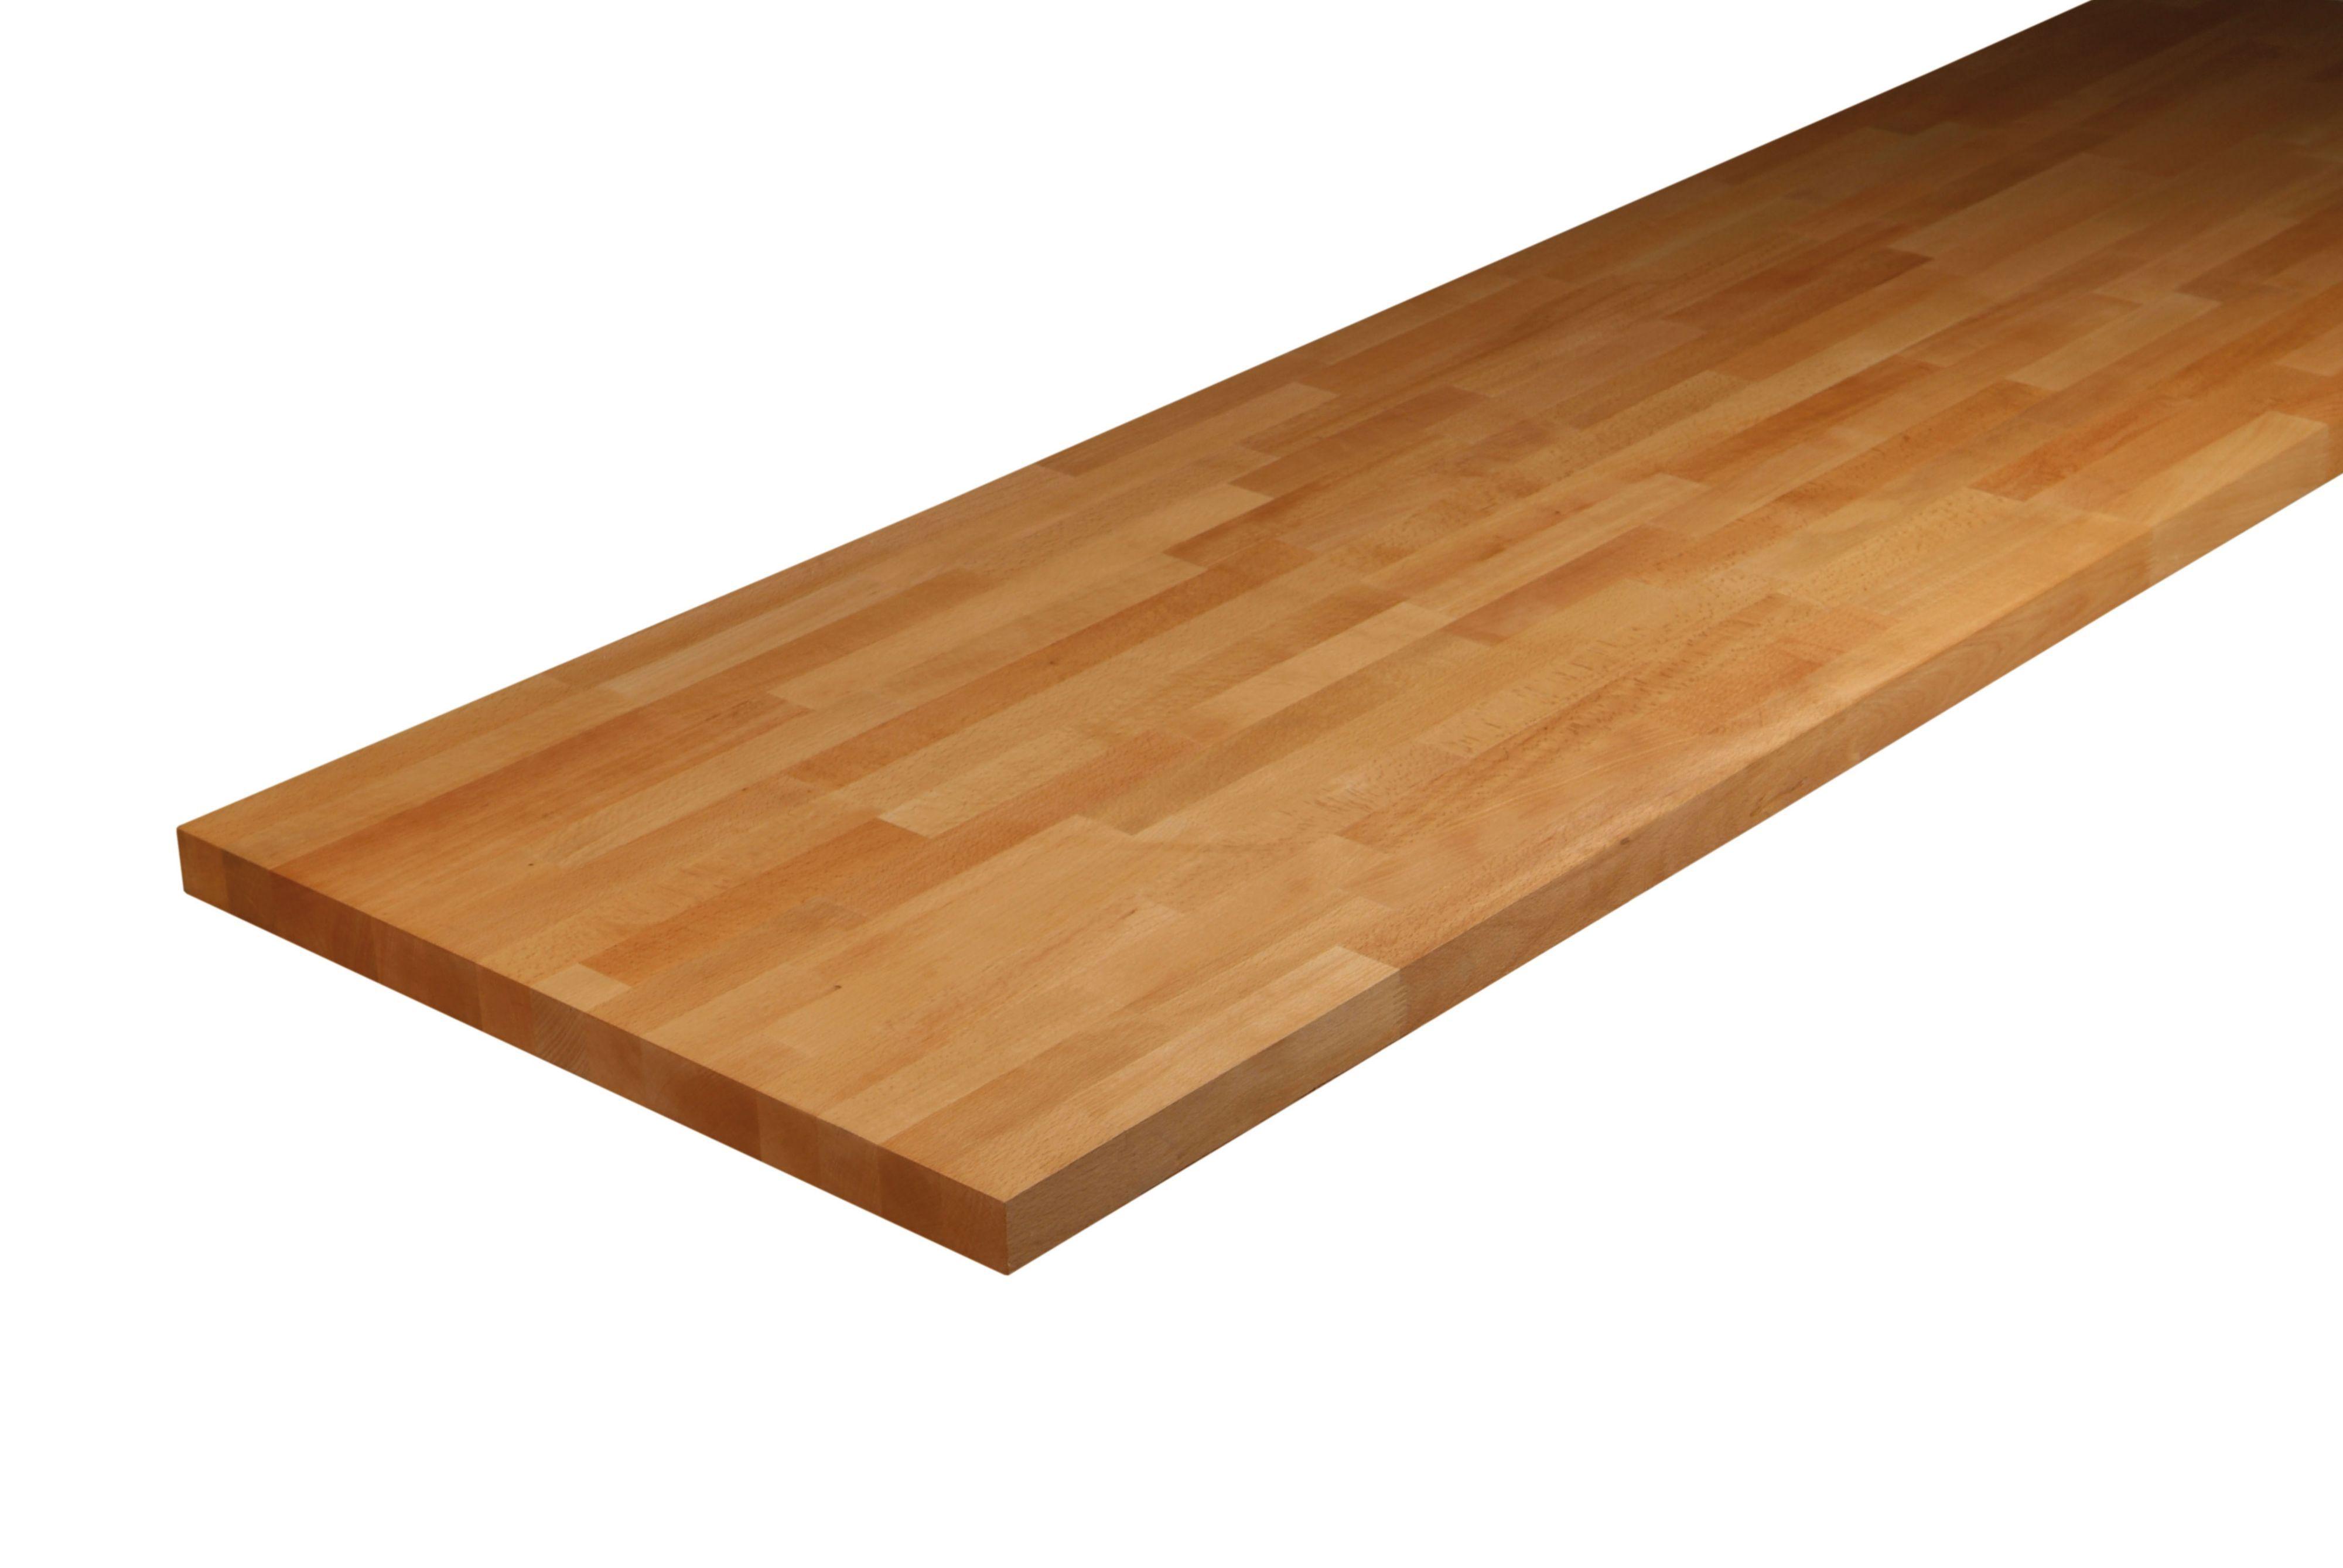 diy wooden kitchen worktop